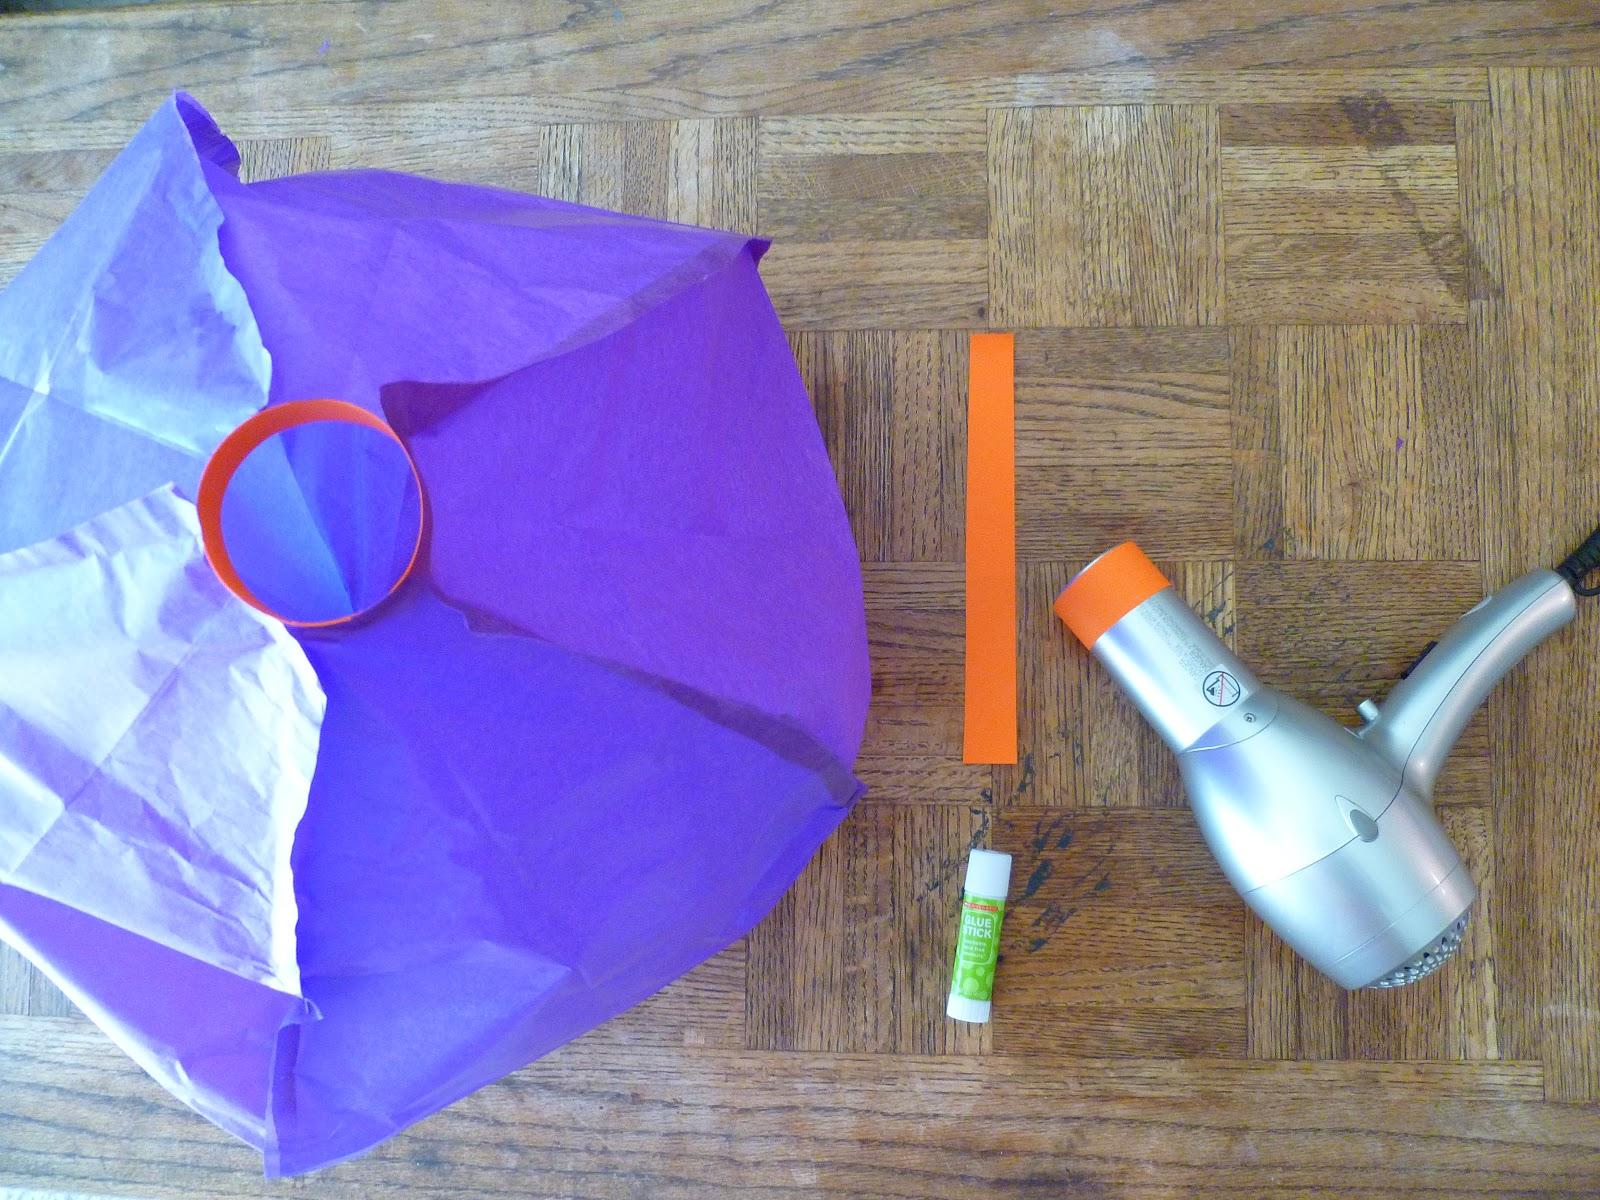 How Do I Make a Hot Air Balloon?